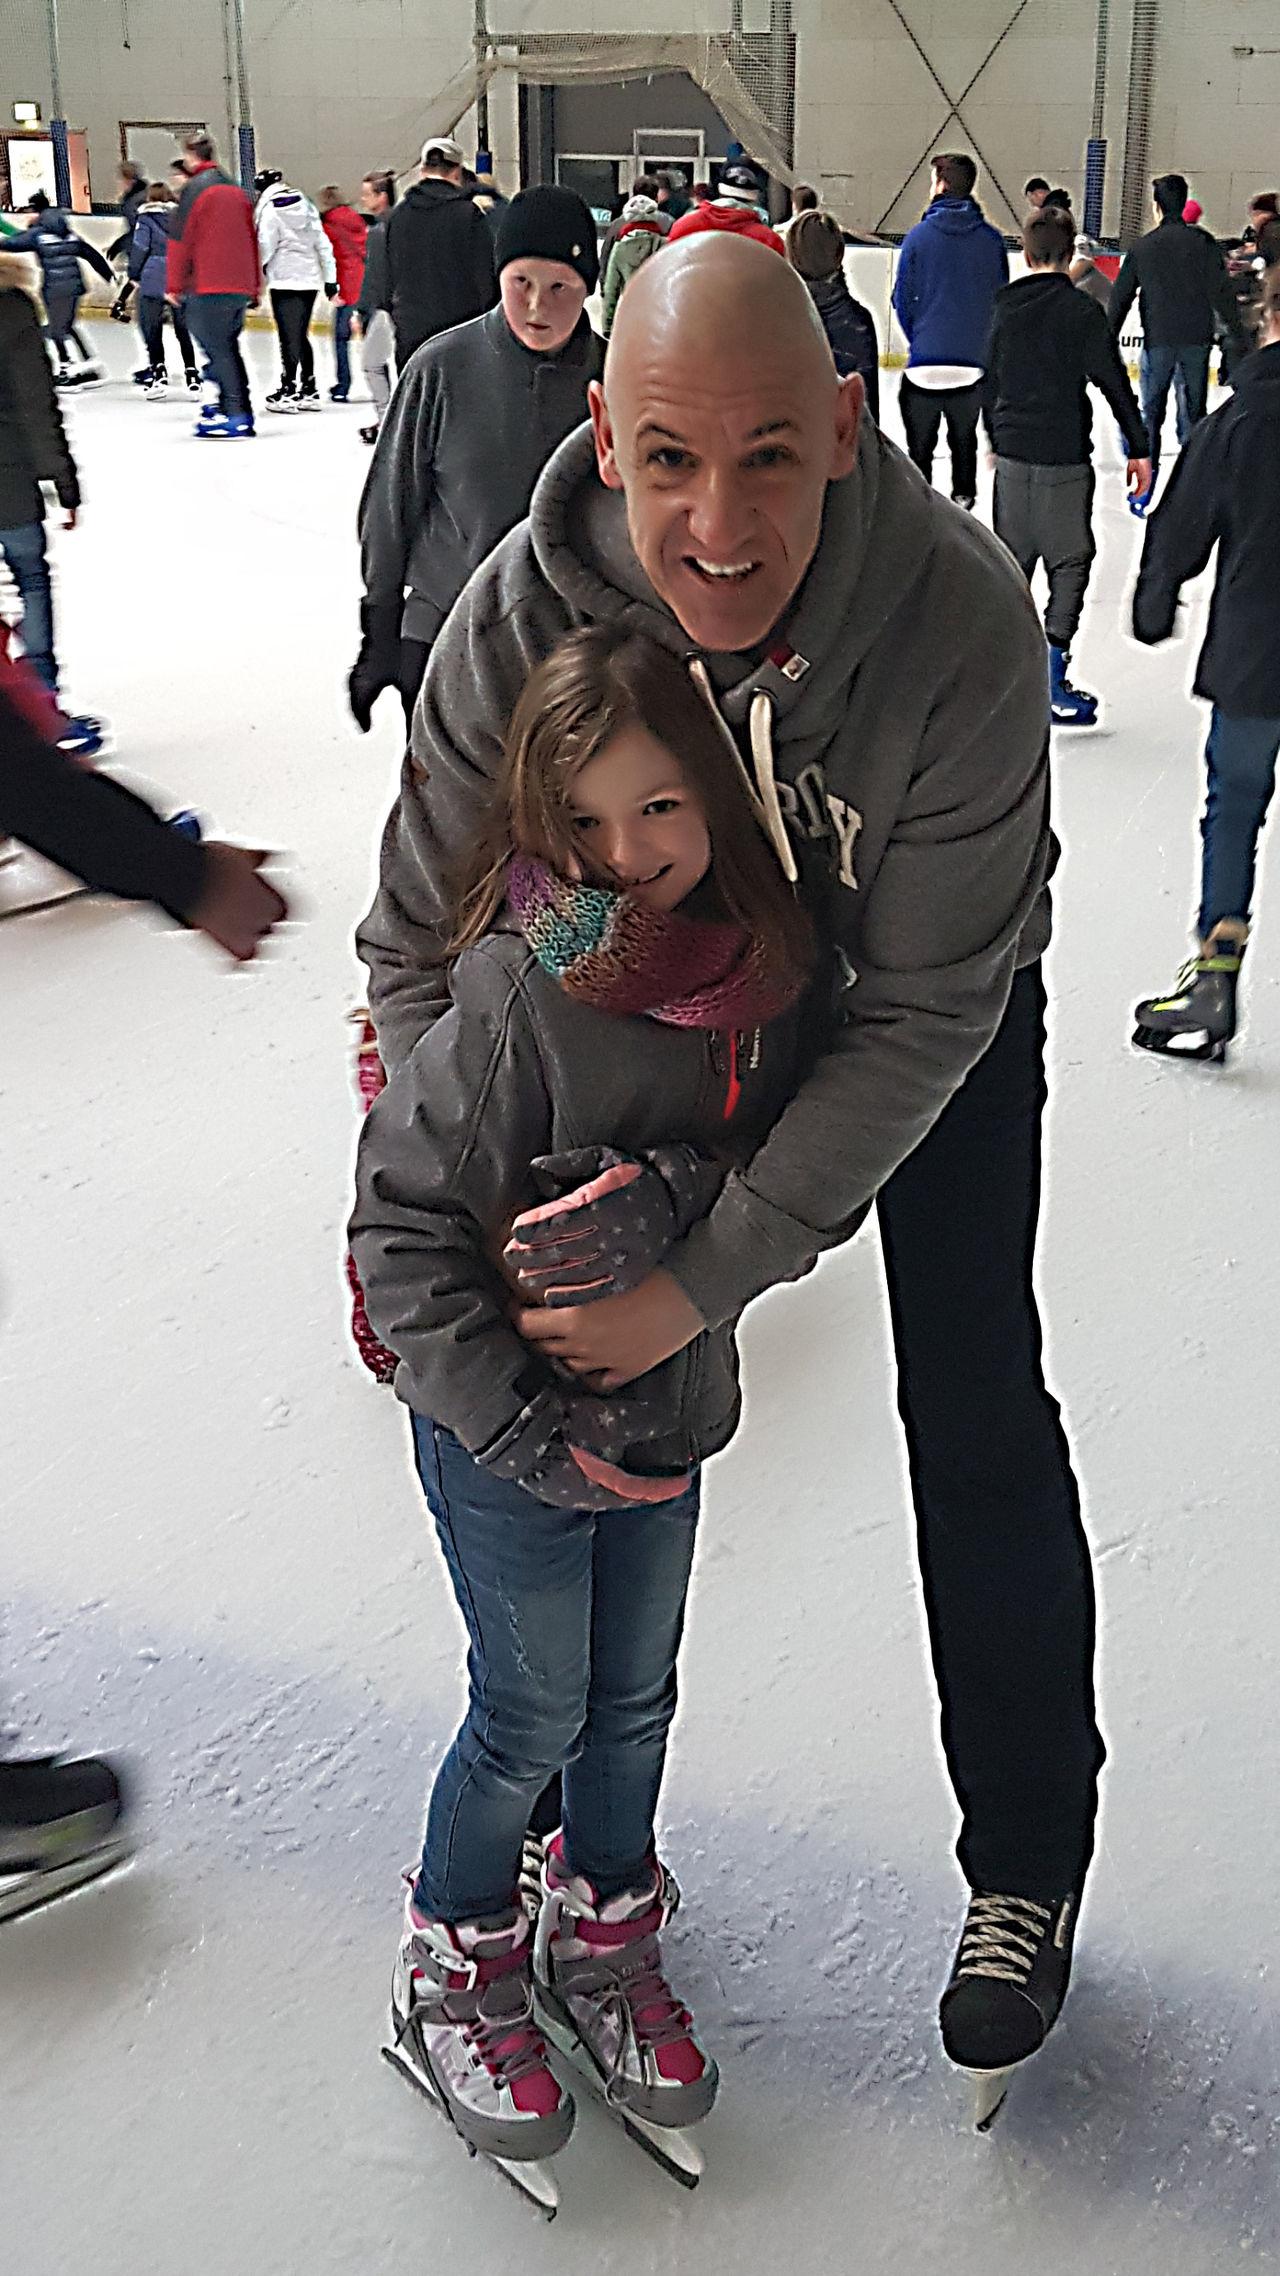 Eisarena Zweibrücken Teresa Myfamily Eishalle Eishockey Zweibrücken Special Bauer Schlittschuhlaufen